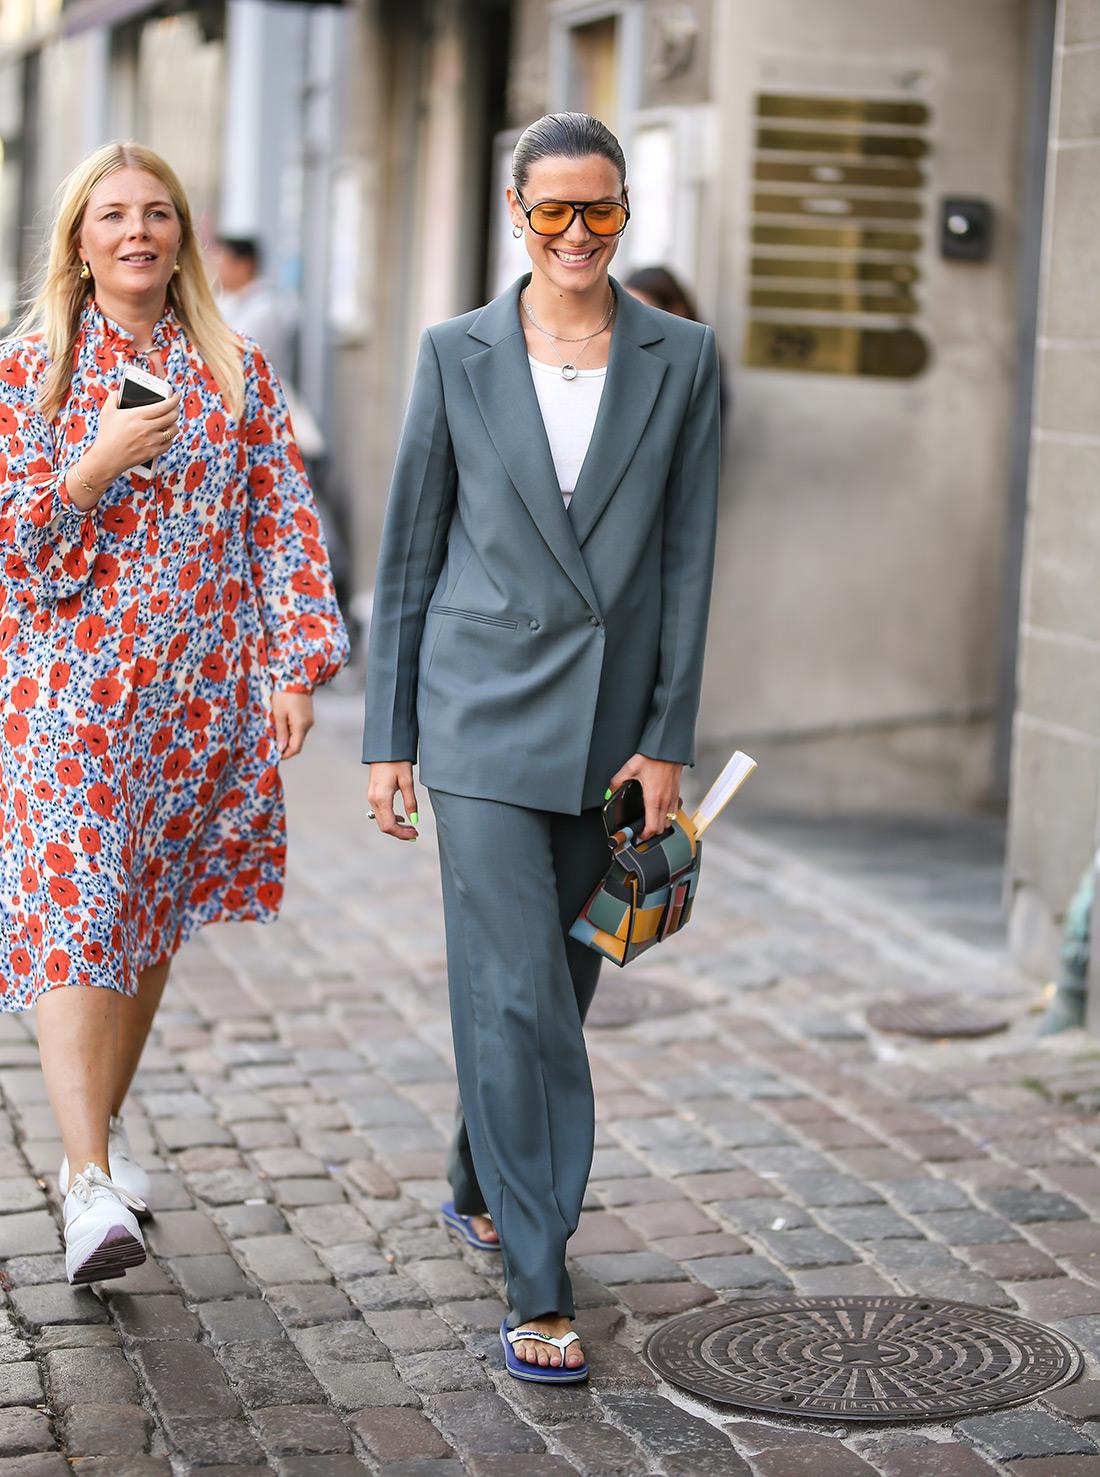 street style ljetno odijelo bijeli šorc crne bermude kako kombinirati moda trend ljeto massimo dutti